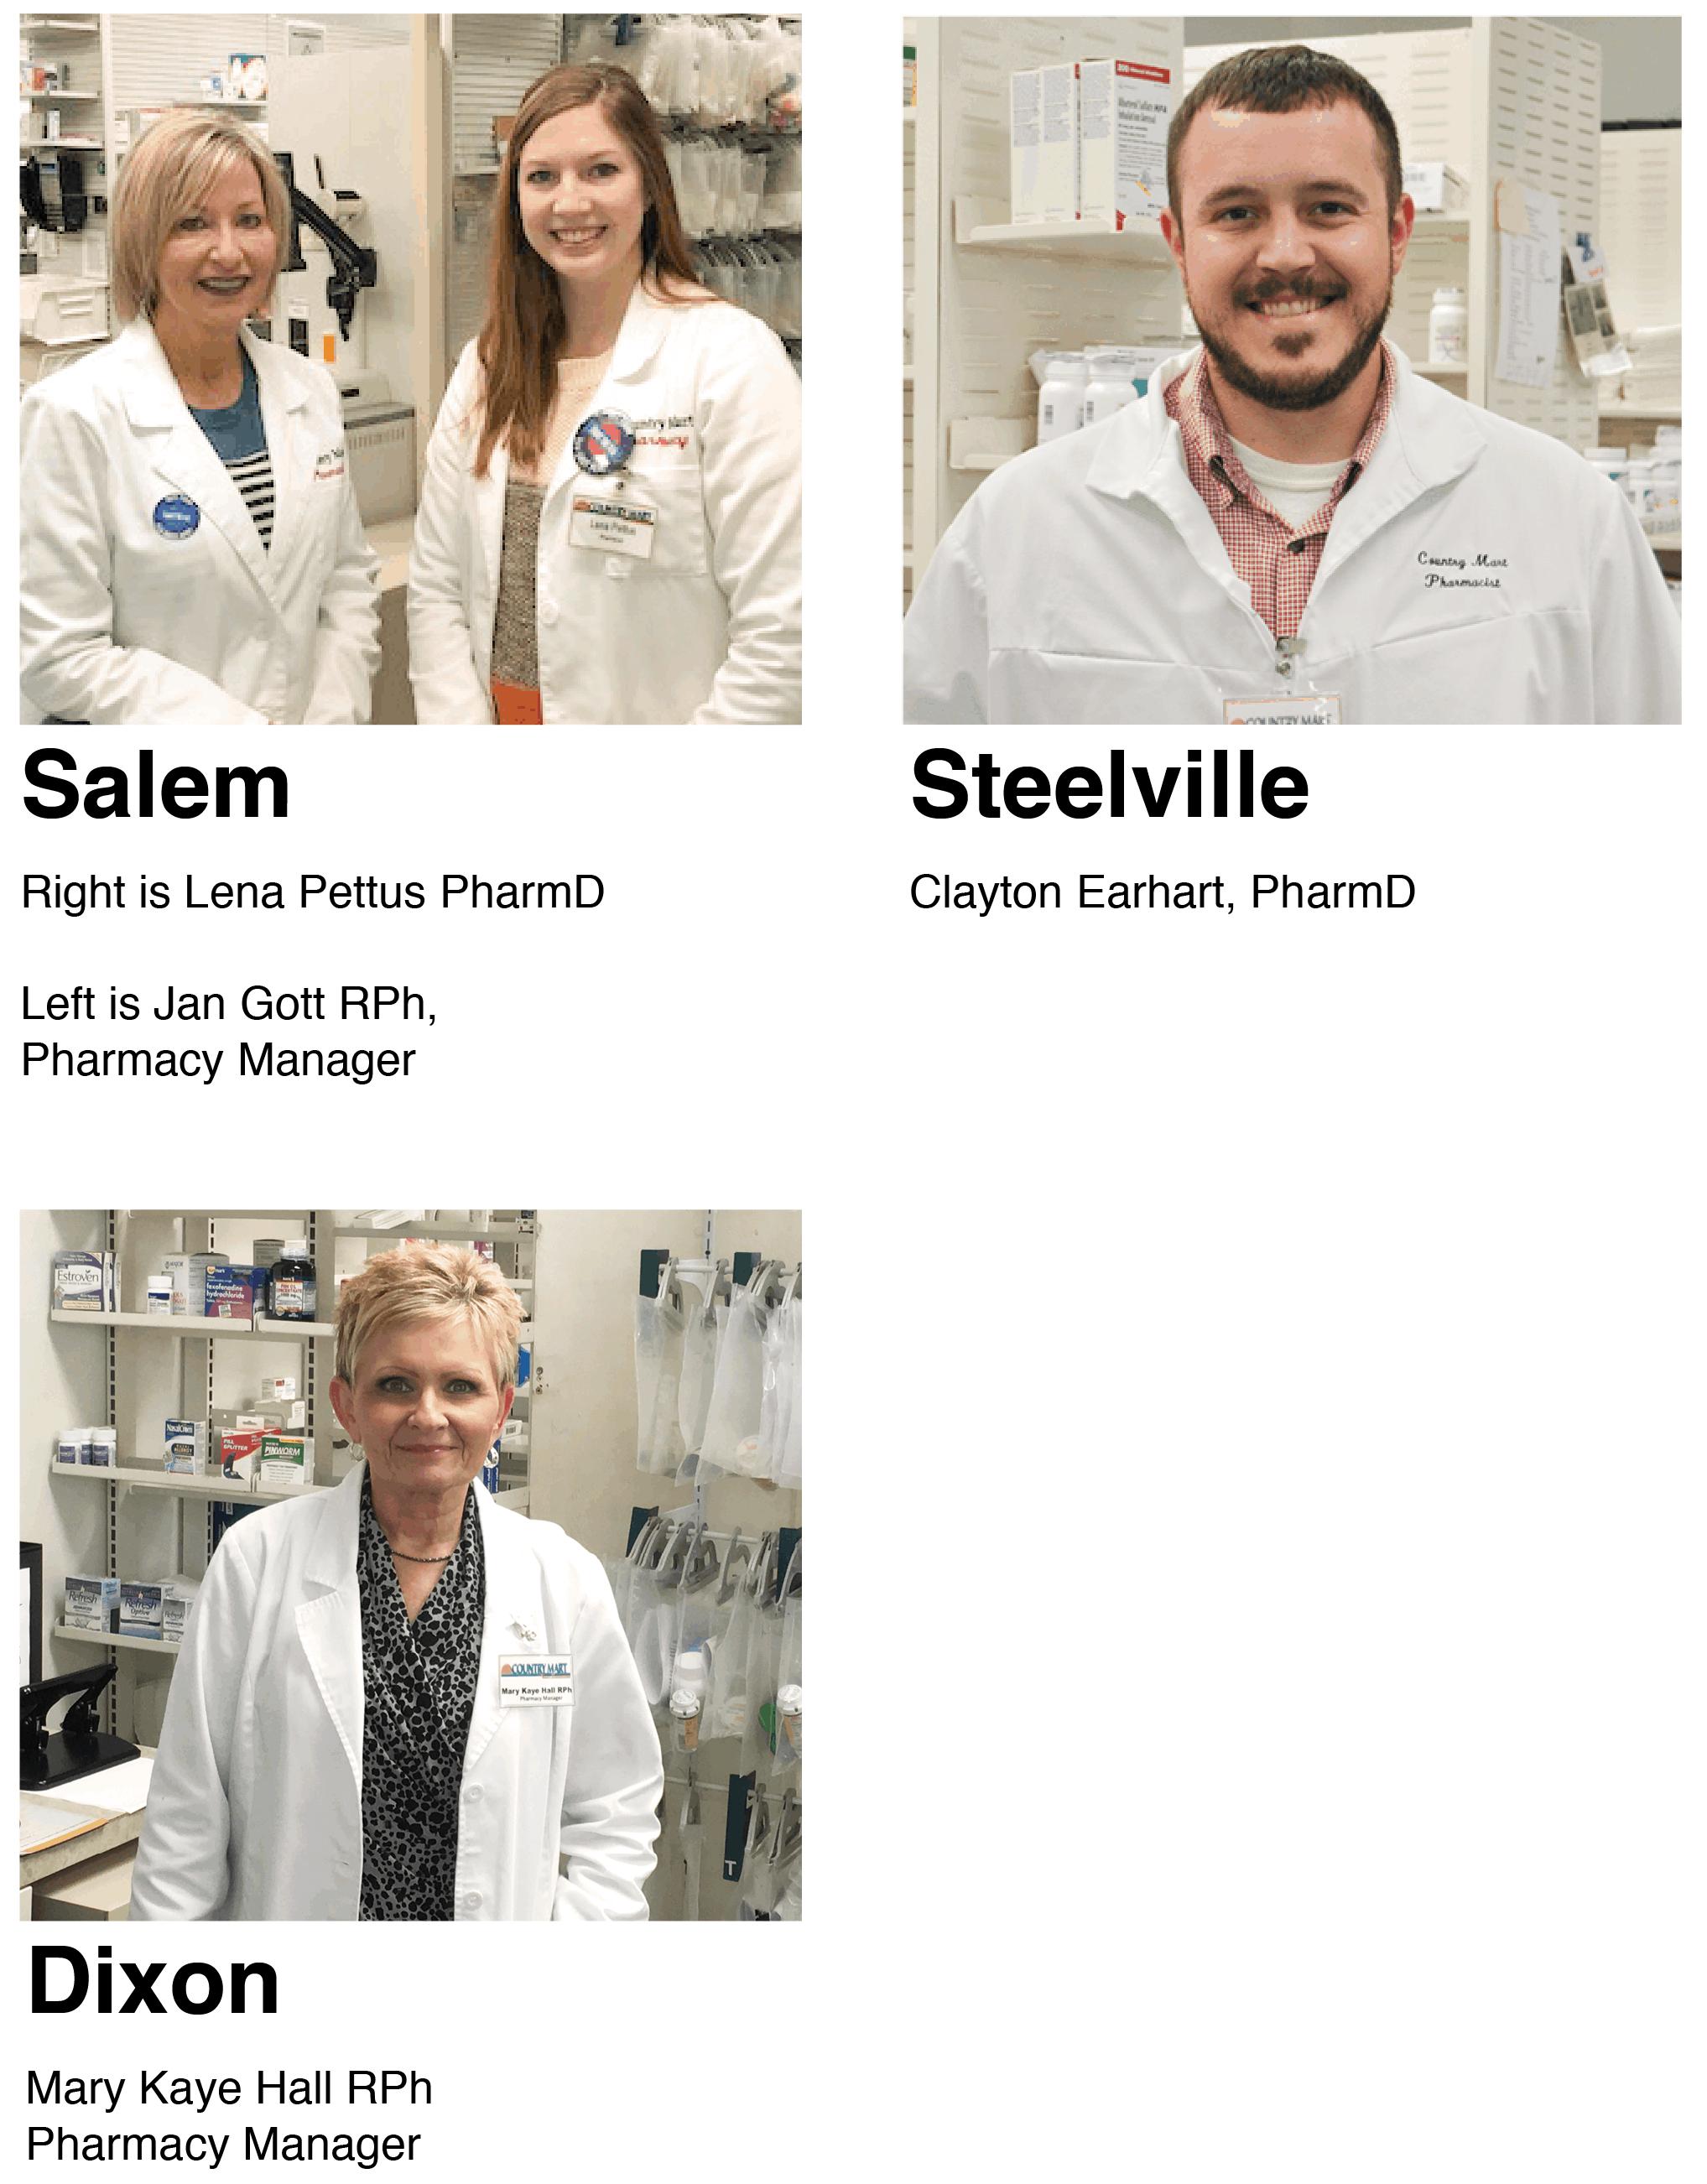 2020 pharmacy